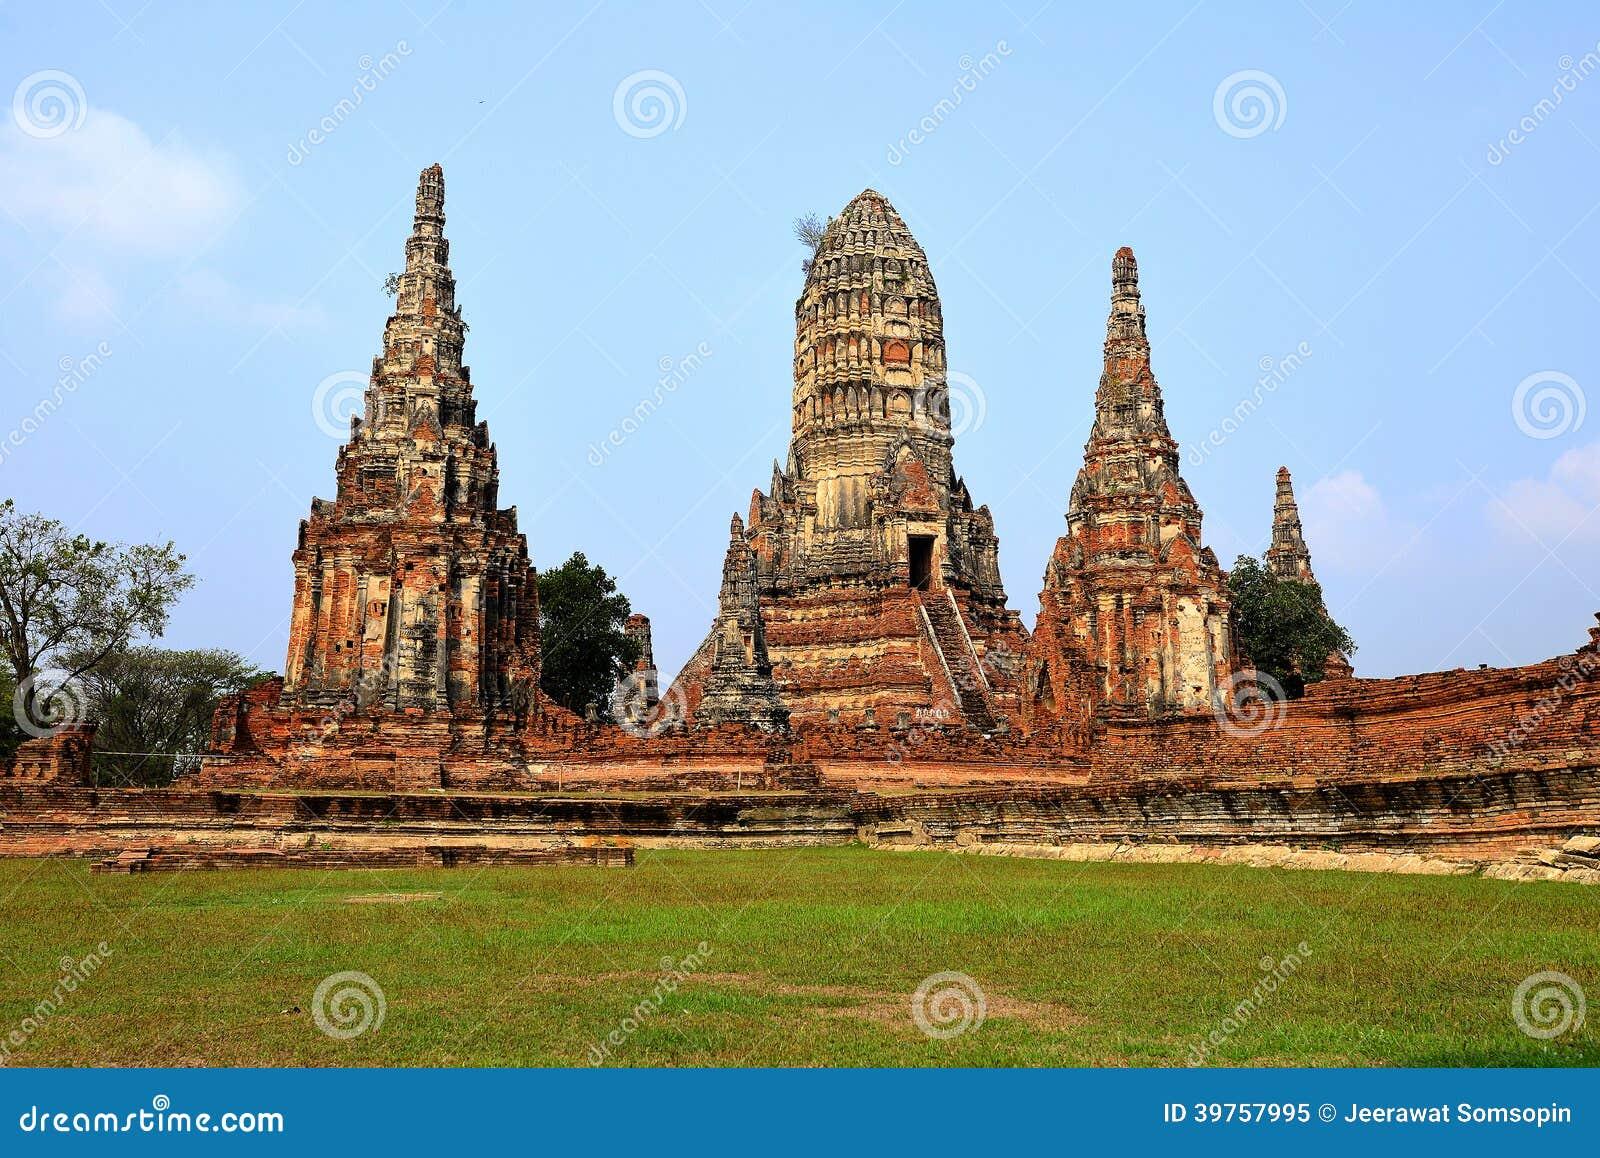 der alte tempel der alten hauptstadt von thailand stockbild bild von historisch site 39757995. Black Bedroom Furniture Sets. Home Design Ideas